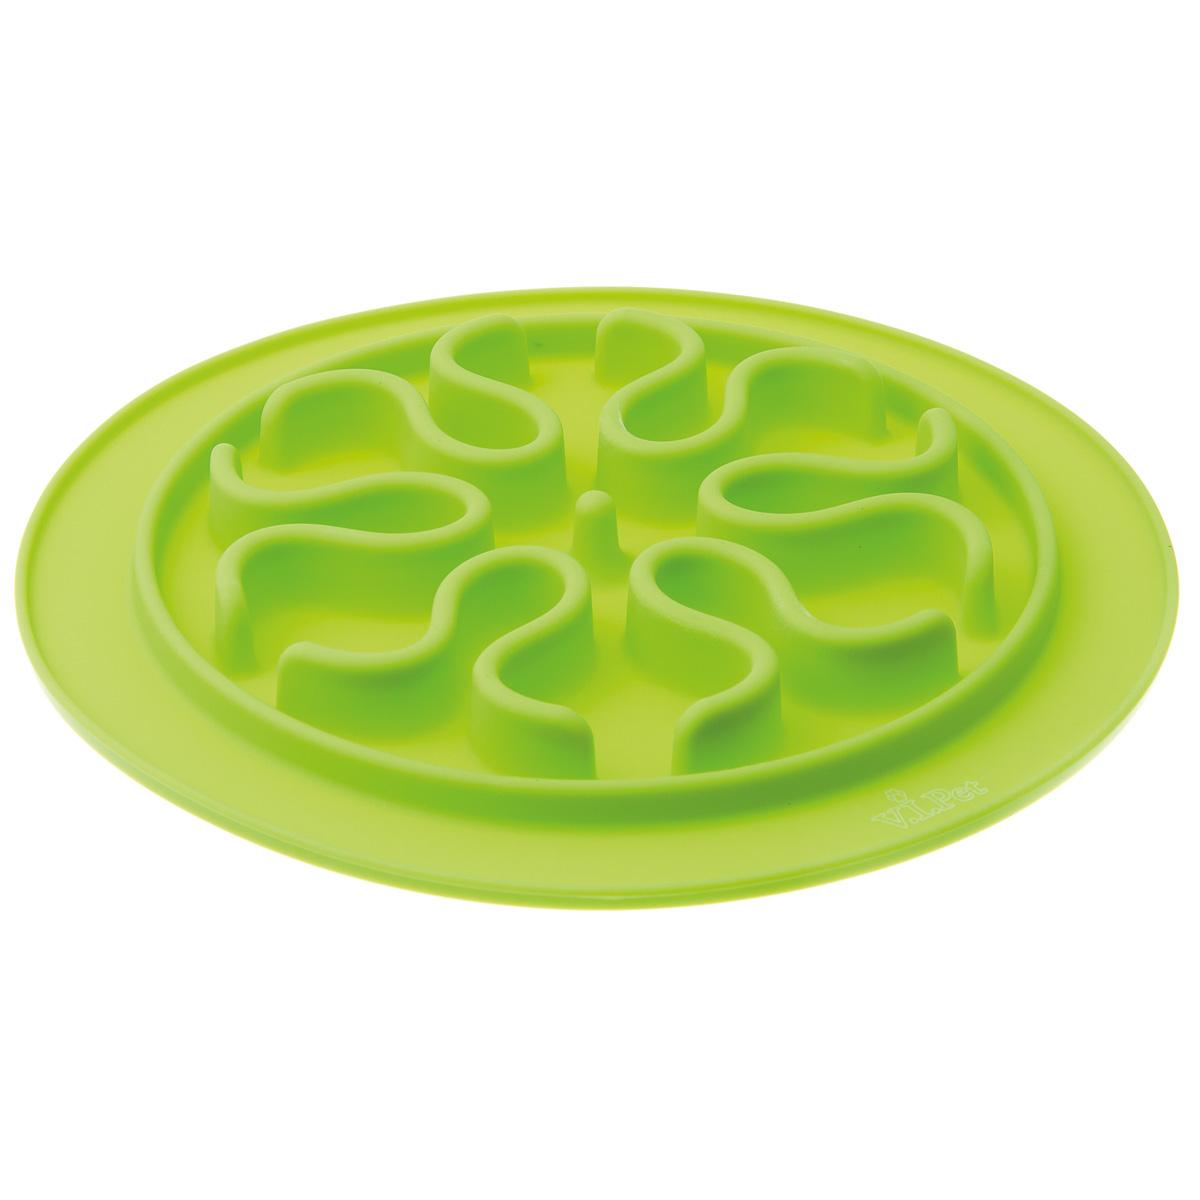 Миска игровая для животных V.I.Pet  Волны , цвет: салатовый, диаметр 24 см - Аксессуары для кормления